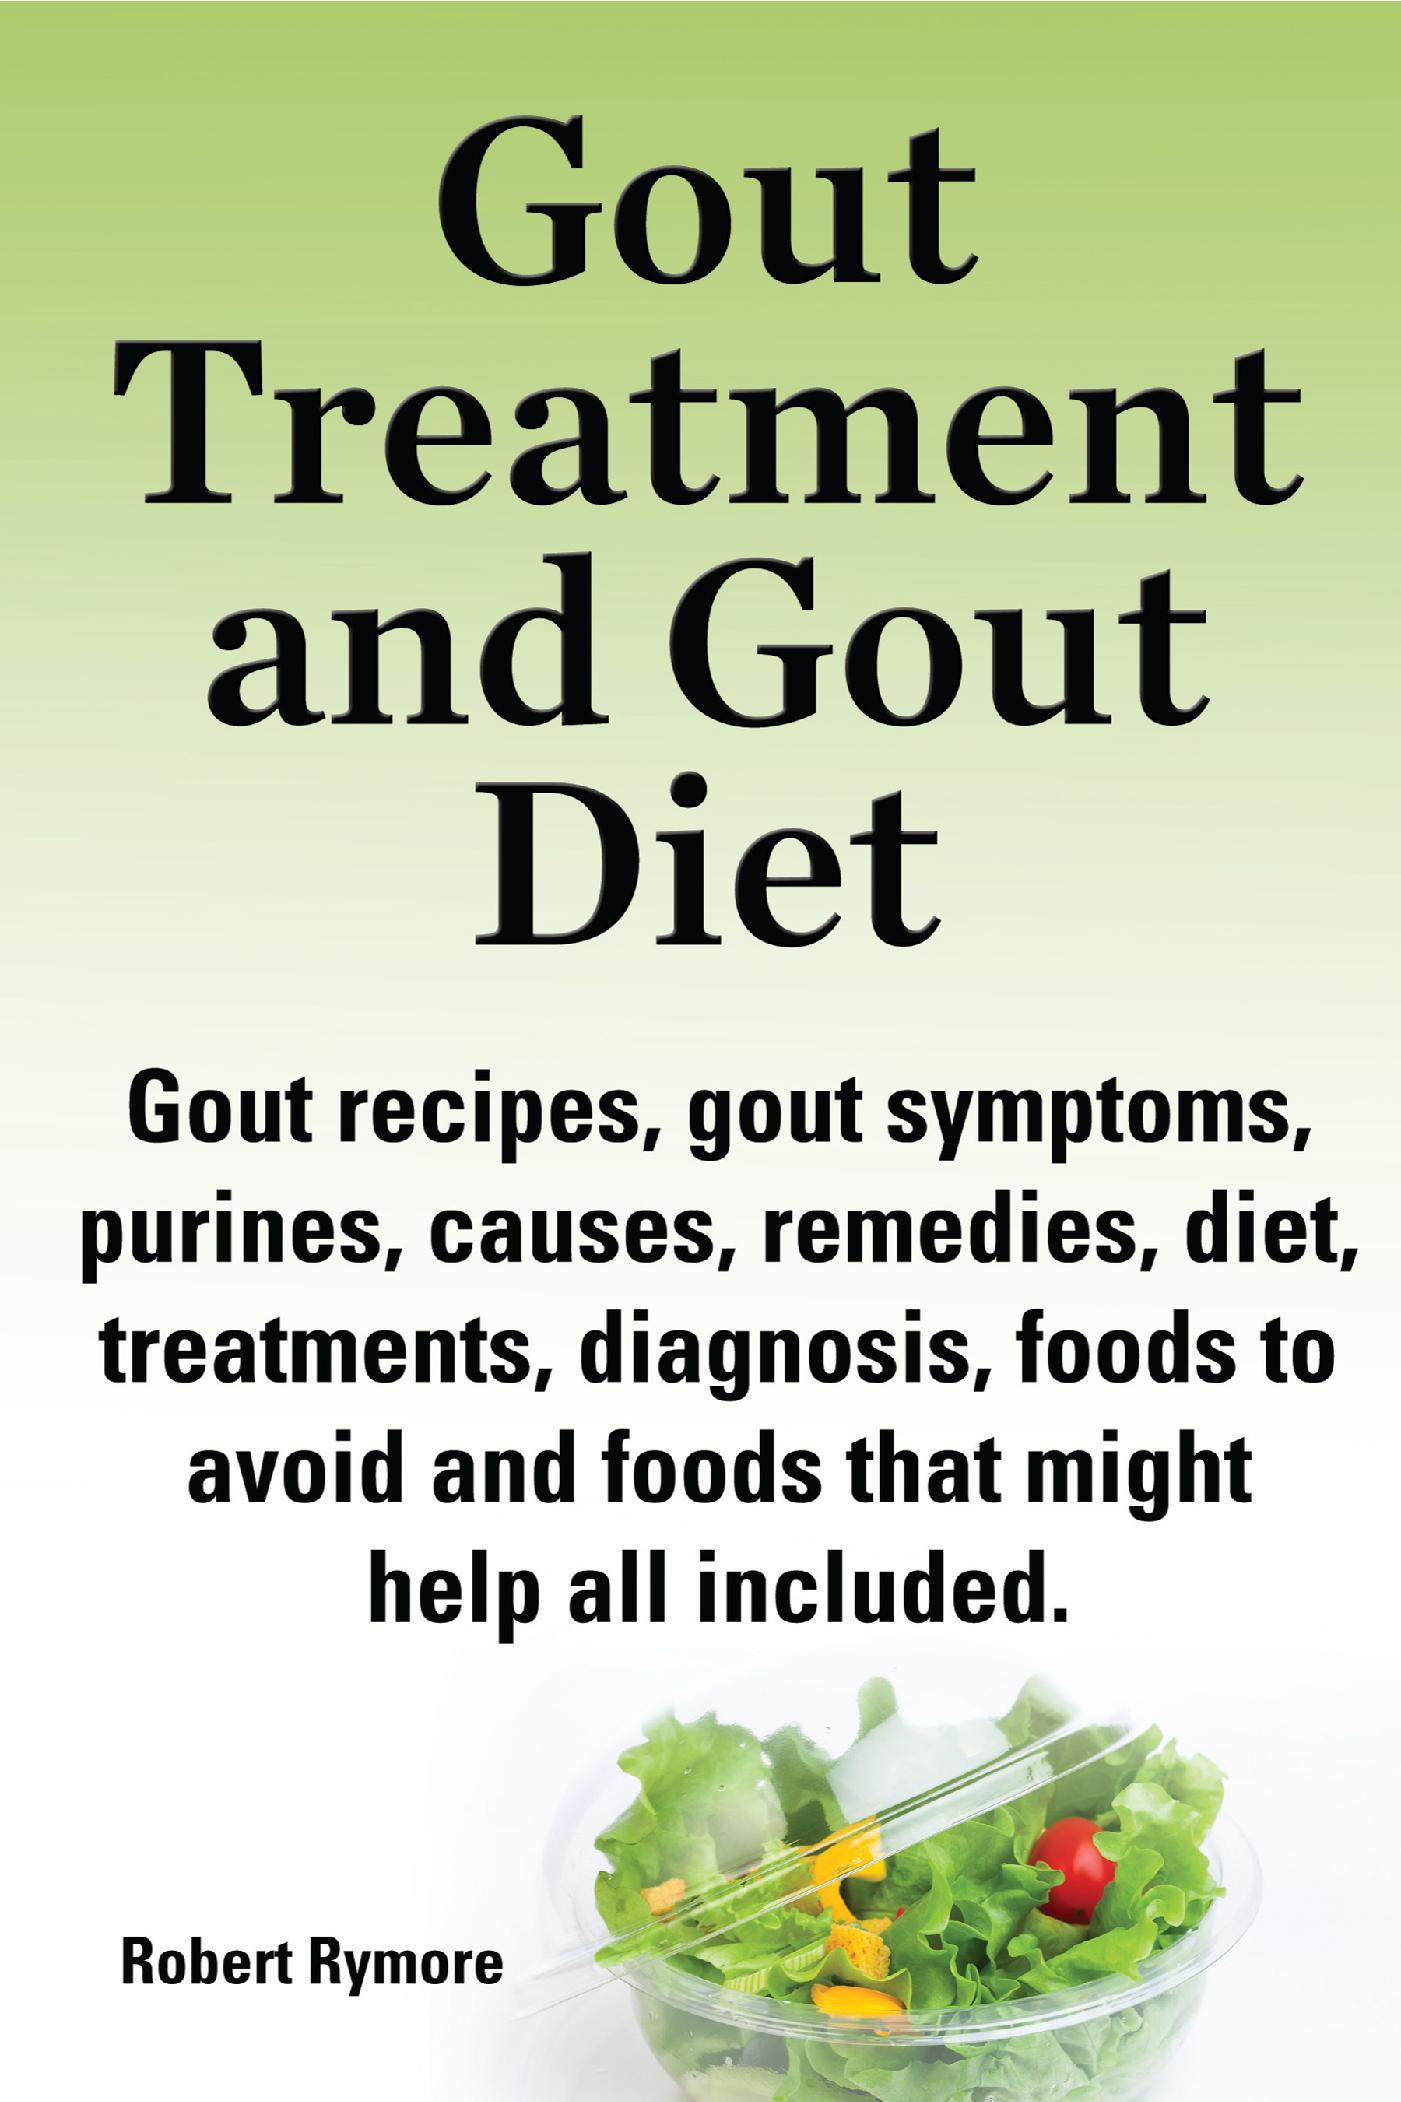 Smashwords Gout Treatment And Gout Diet Gout Recipes Gout